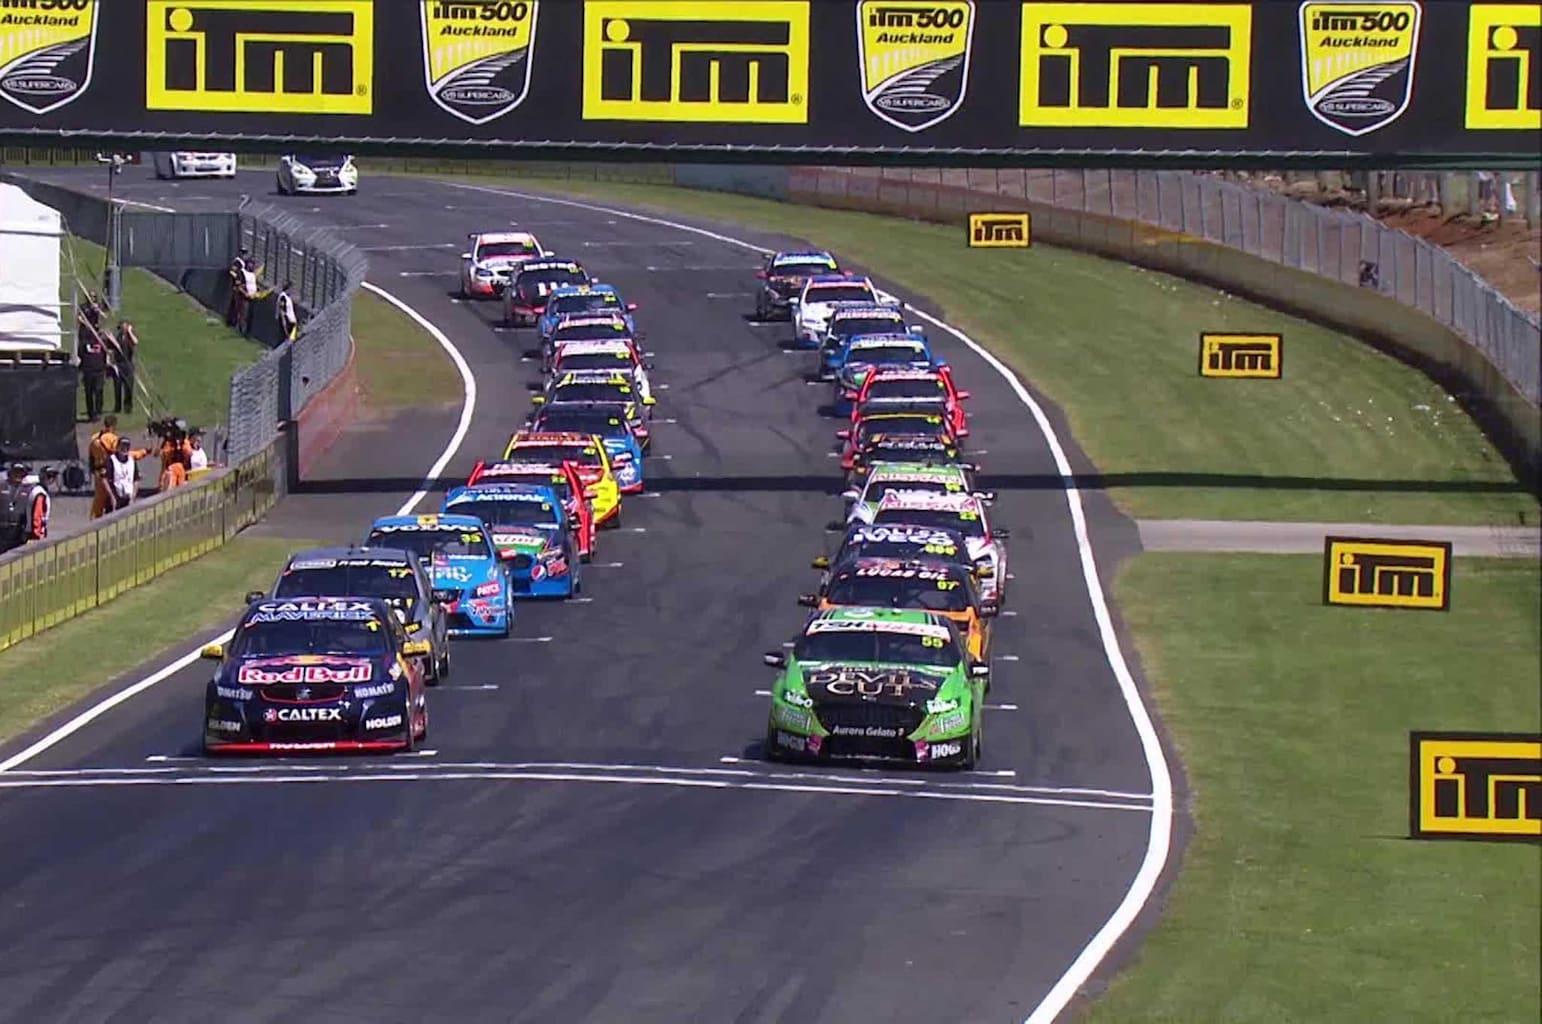 002 10 best new videos on motor trend ondemand in november 2015 australian v8 supercars